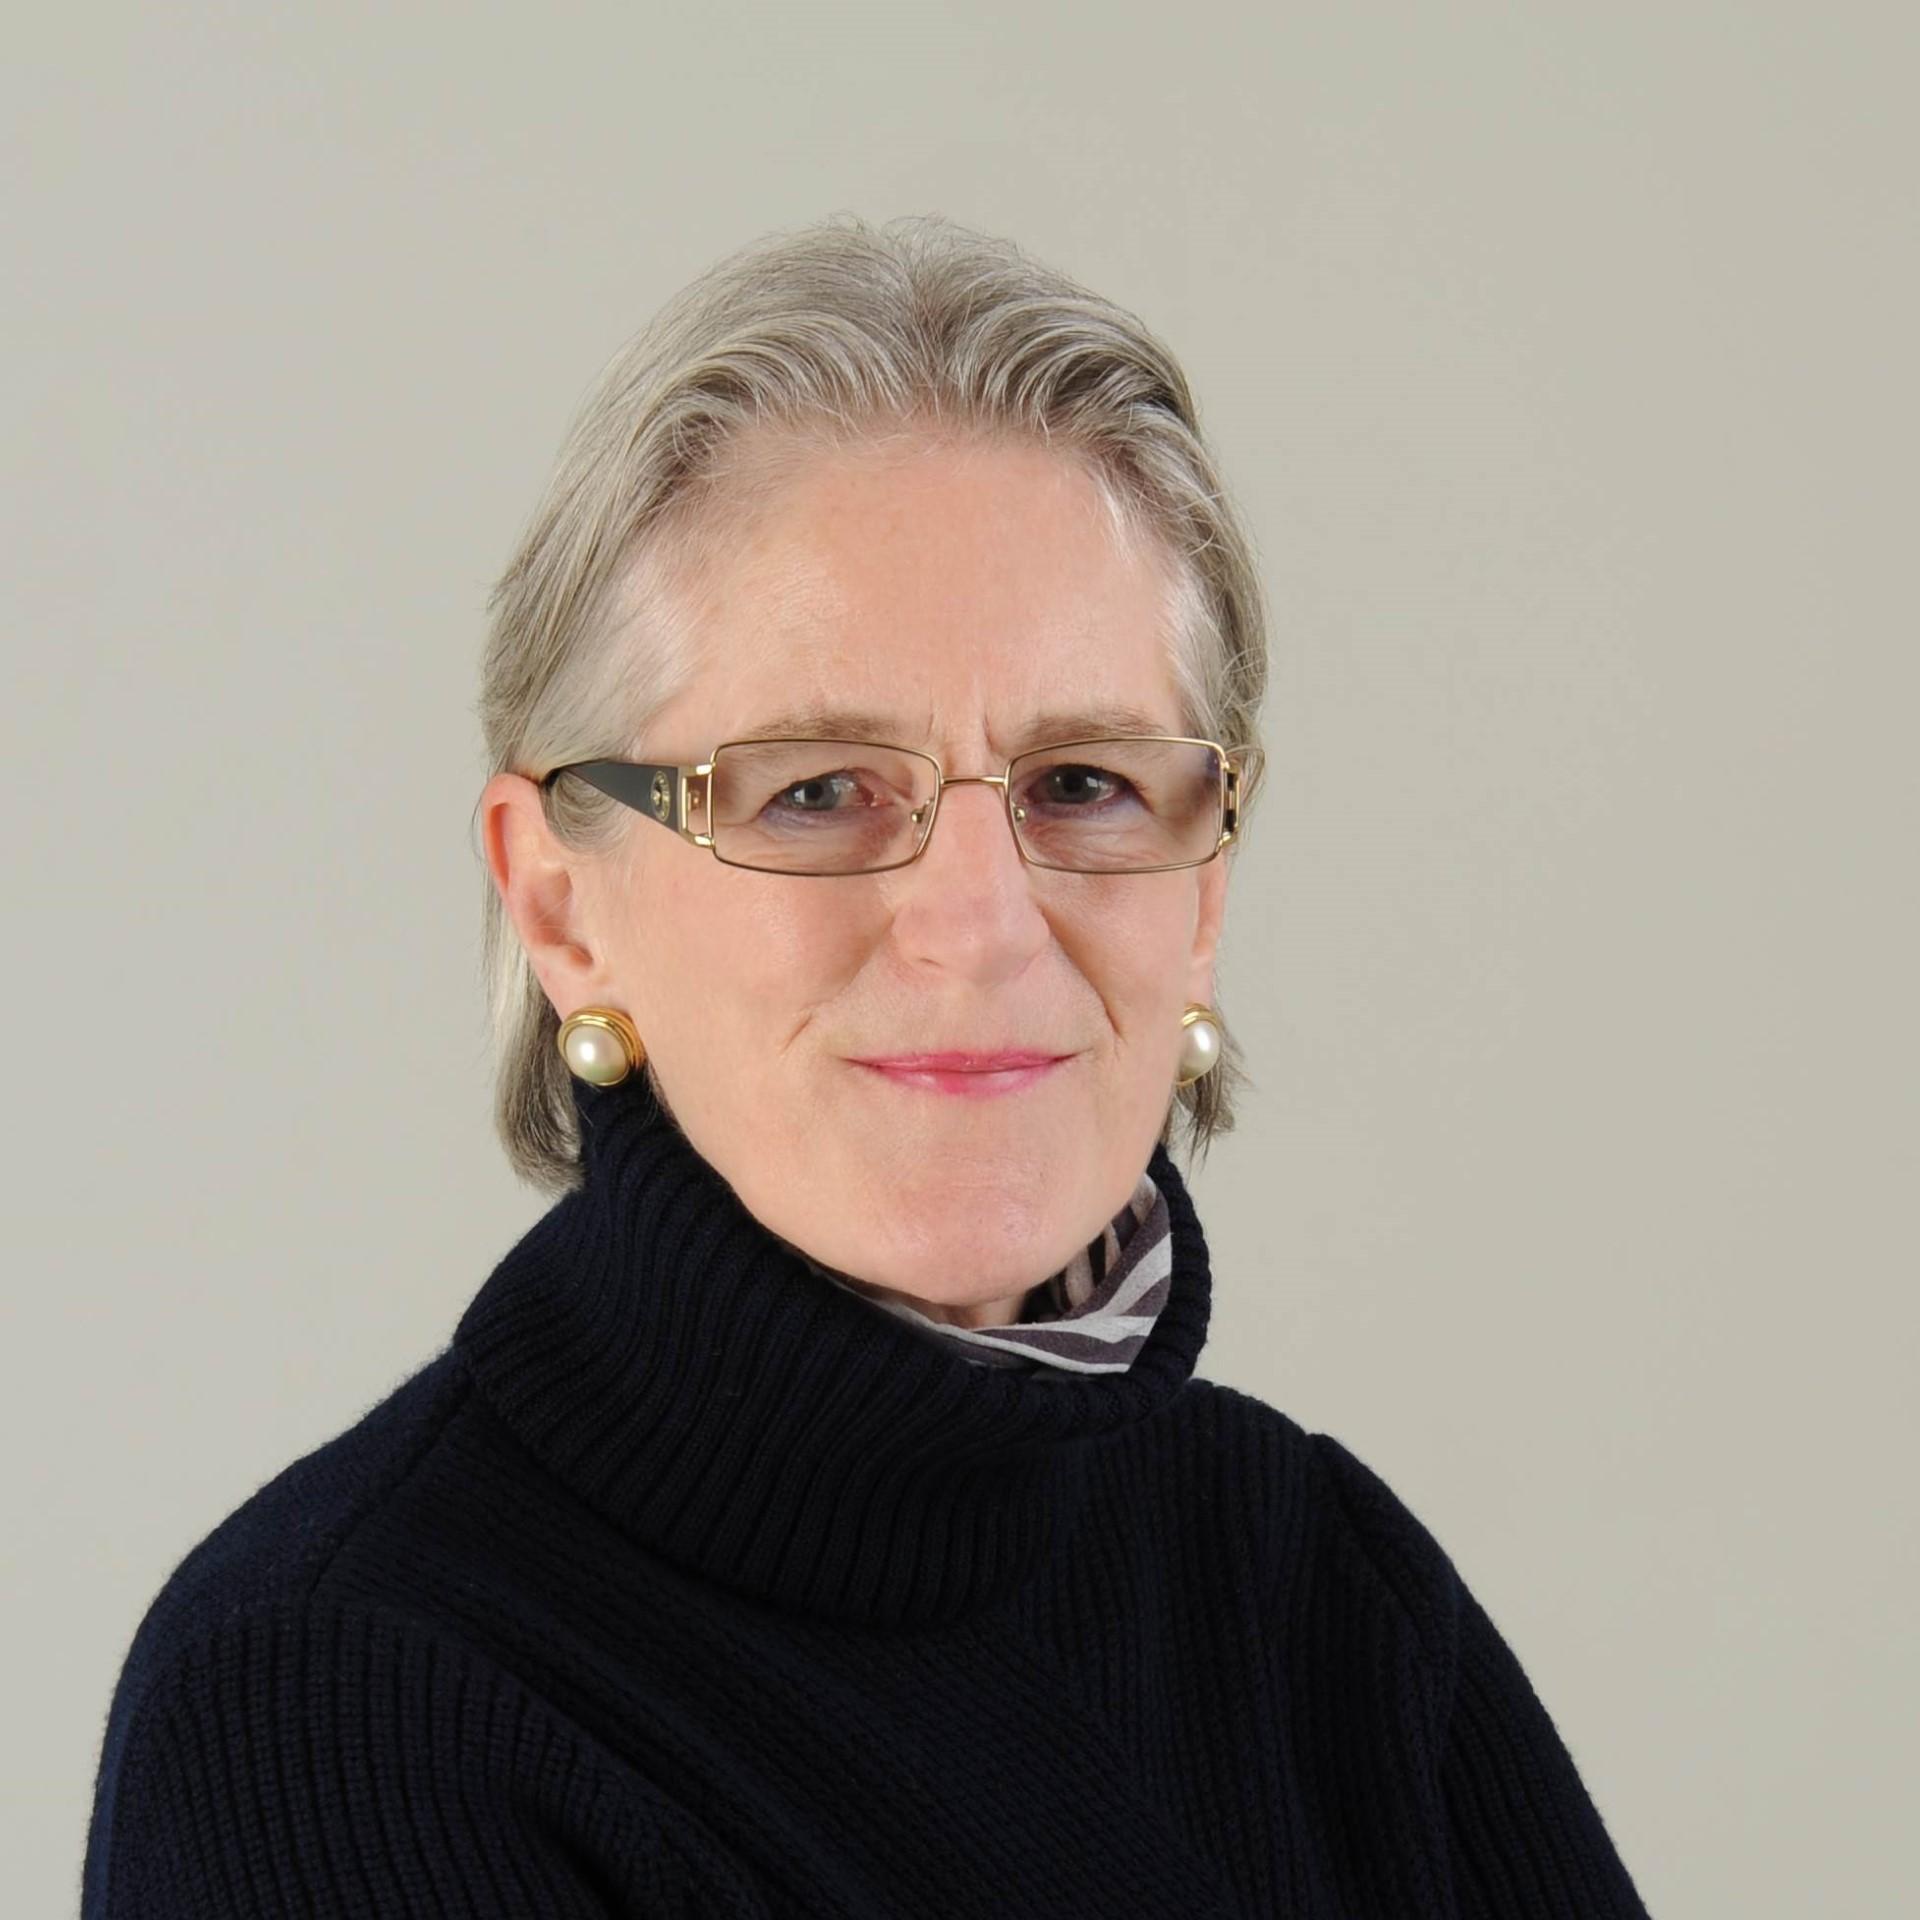 Elizabeth-de-Burgh-Sidley